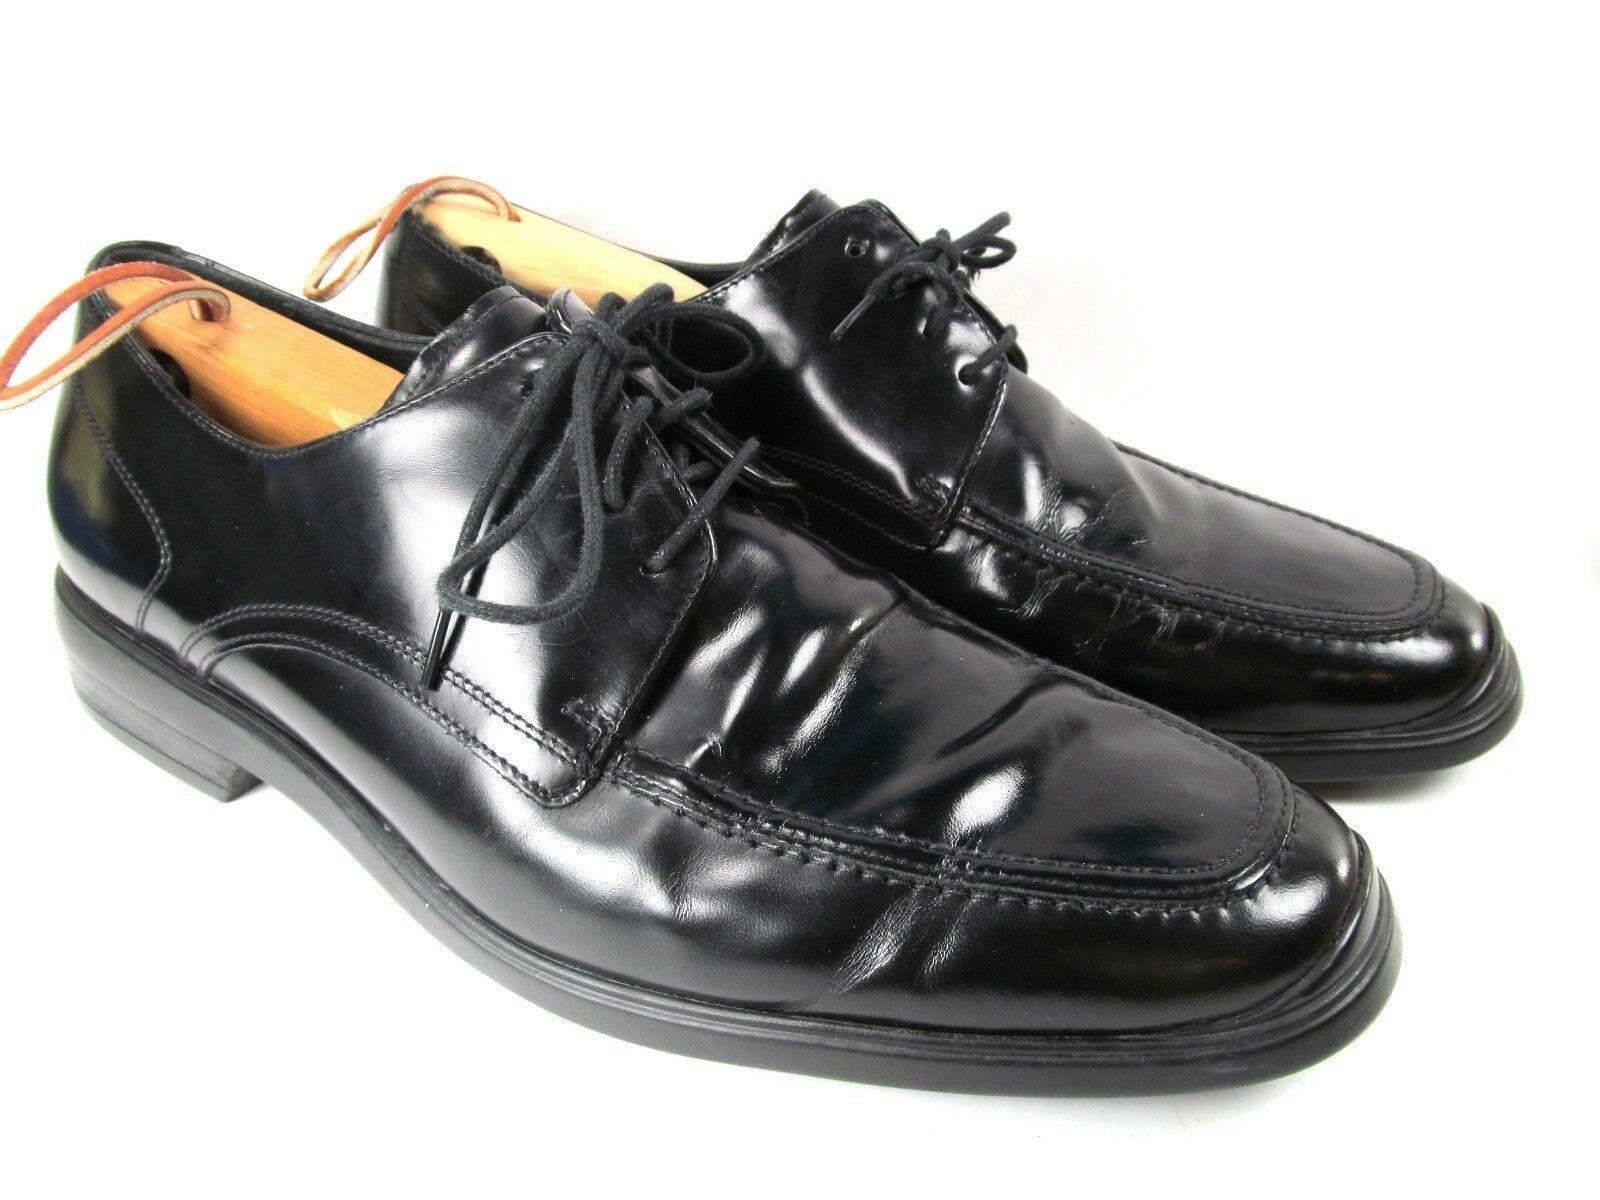 a0a155c213f 57. 57. Previous. Cole Haan Air Apron Toe Lace up Oxford Black Dress Shoes  Mens Size 10 M · Cole ...